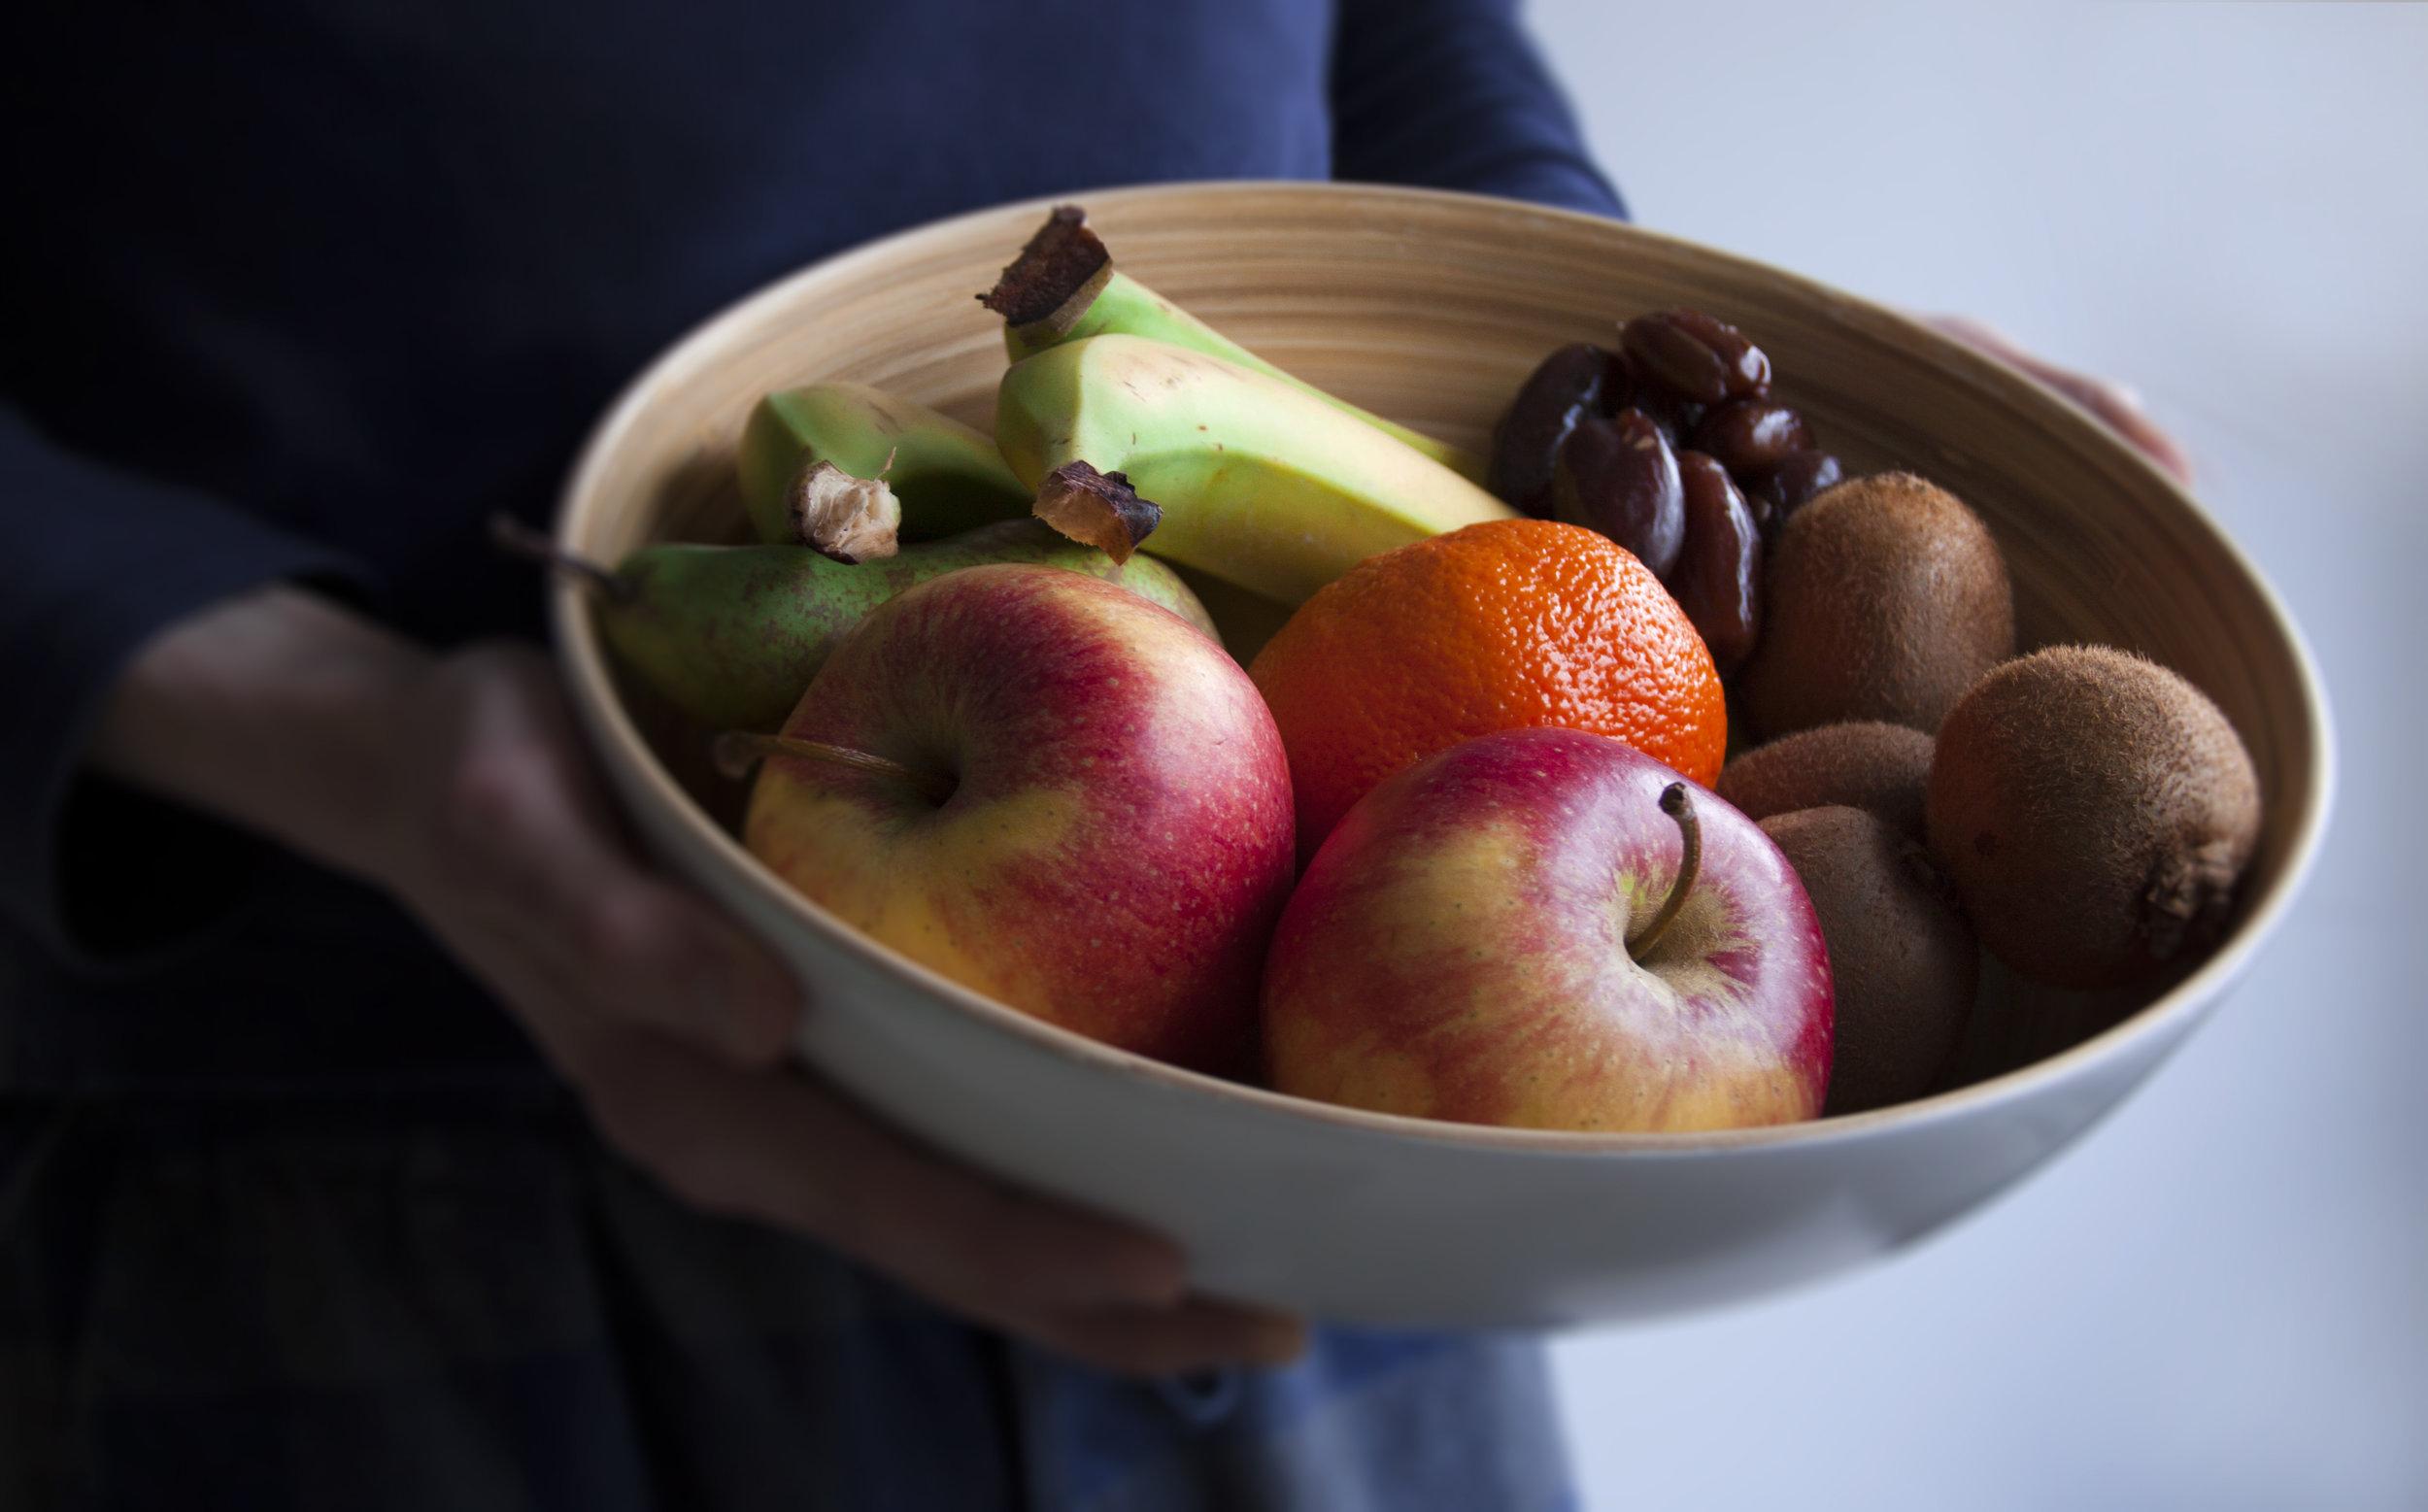 Eén Wildgroeiportie fruit: 3–4 bananen, 2 appels, een peer, een mandora, 3–4 kiwi's en 20 Deglet Nour-dadels.